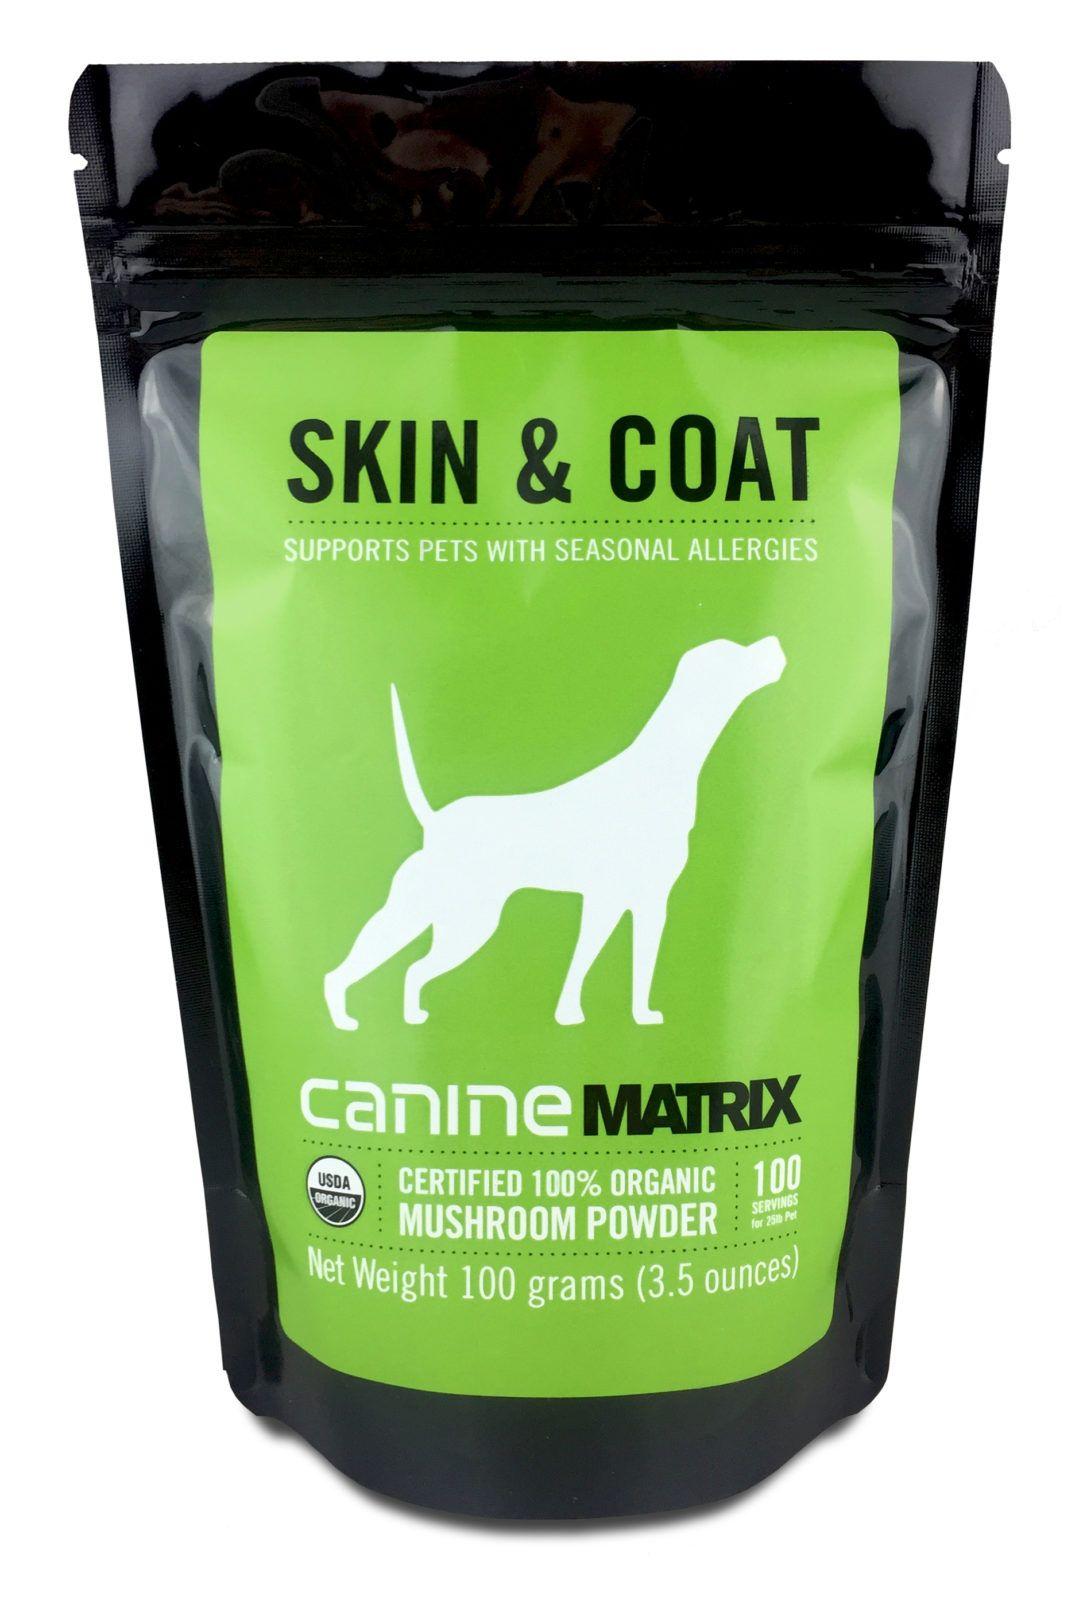 Skin & Coat Matrix Seasonal allergies, Cat skin, Stuffed